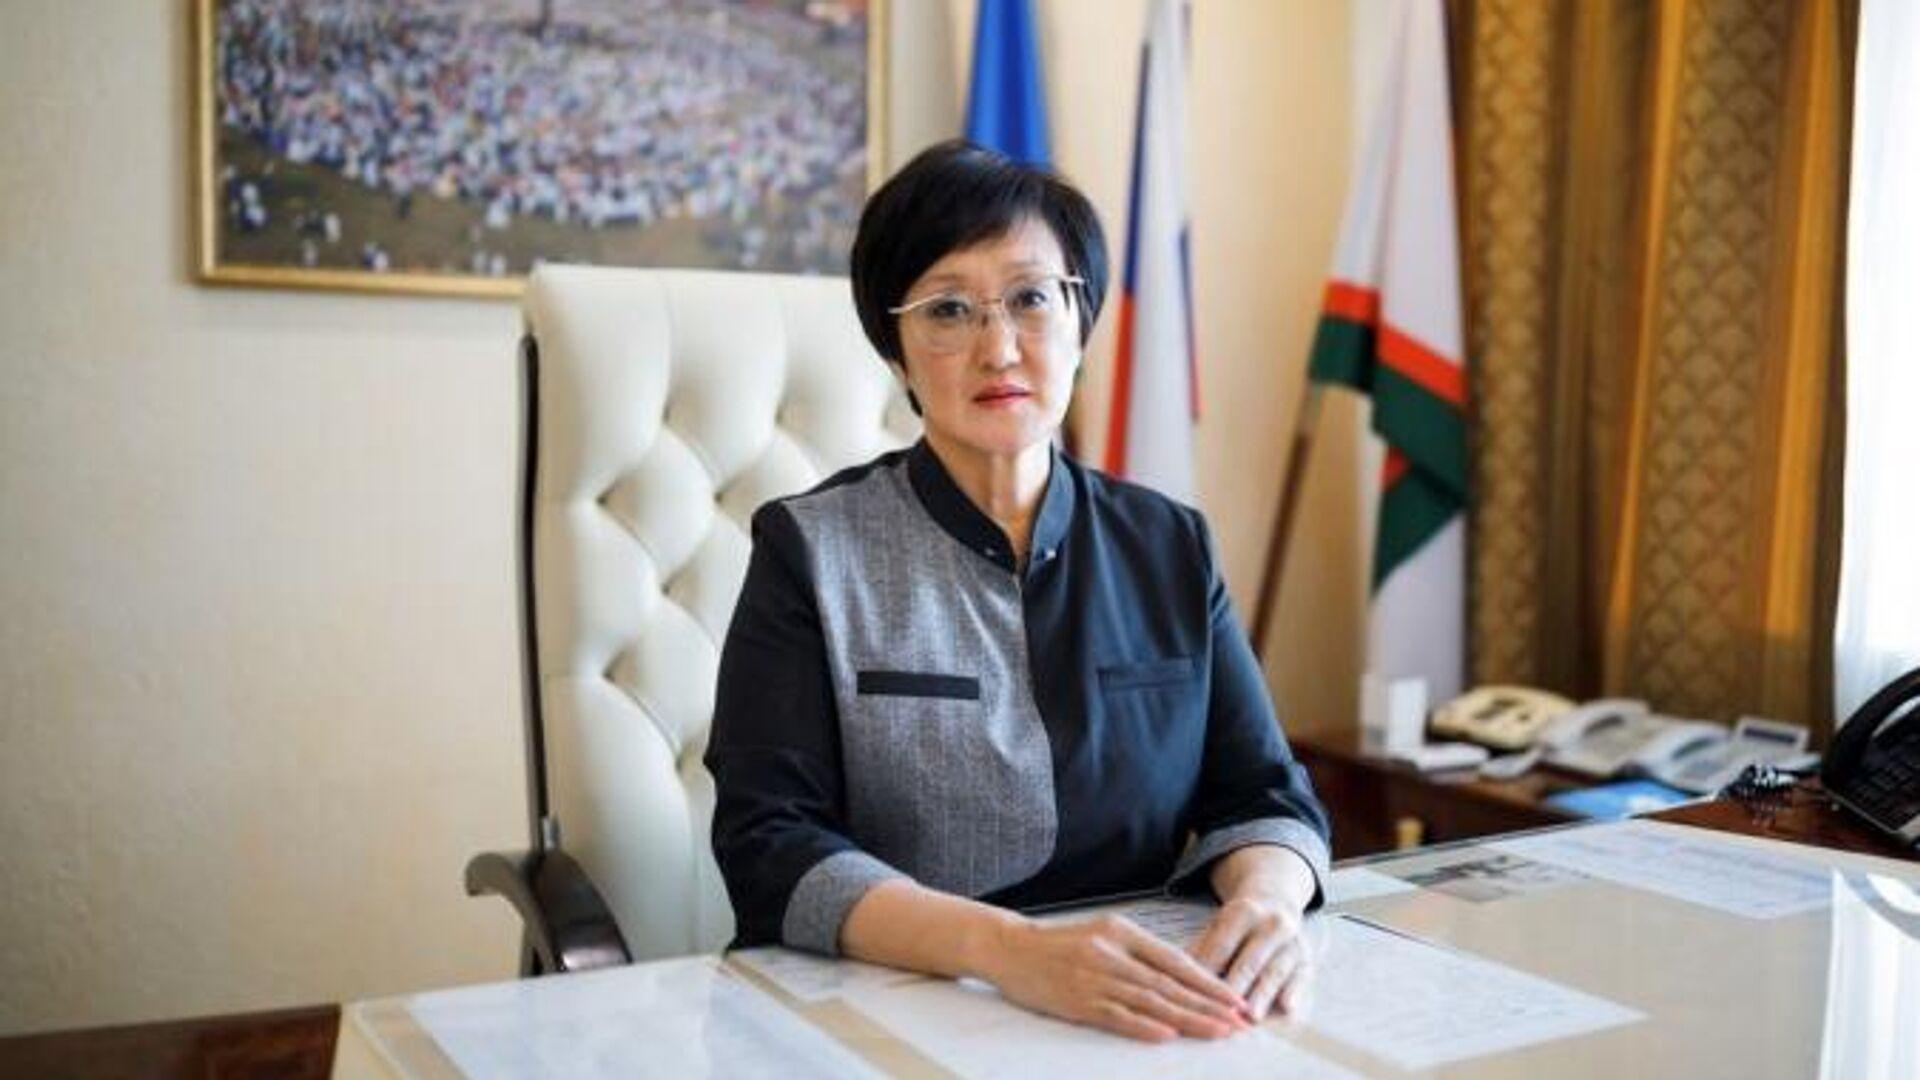 Мэр Якутска рассказала о своей новой должности после отставки